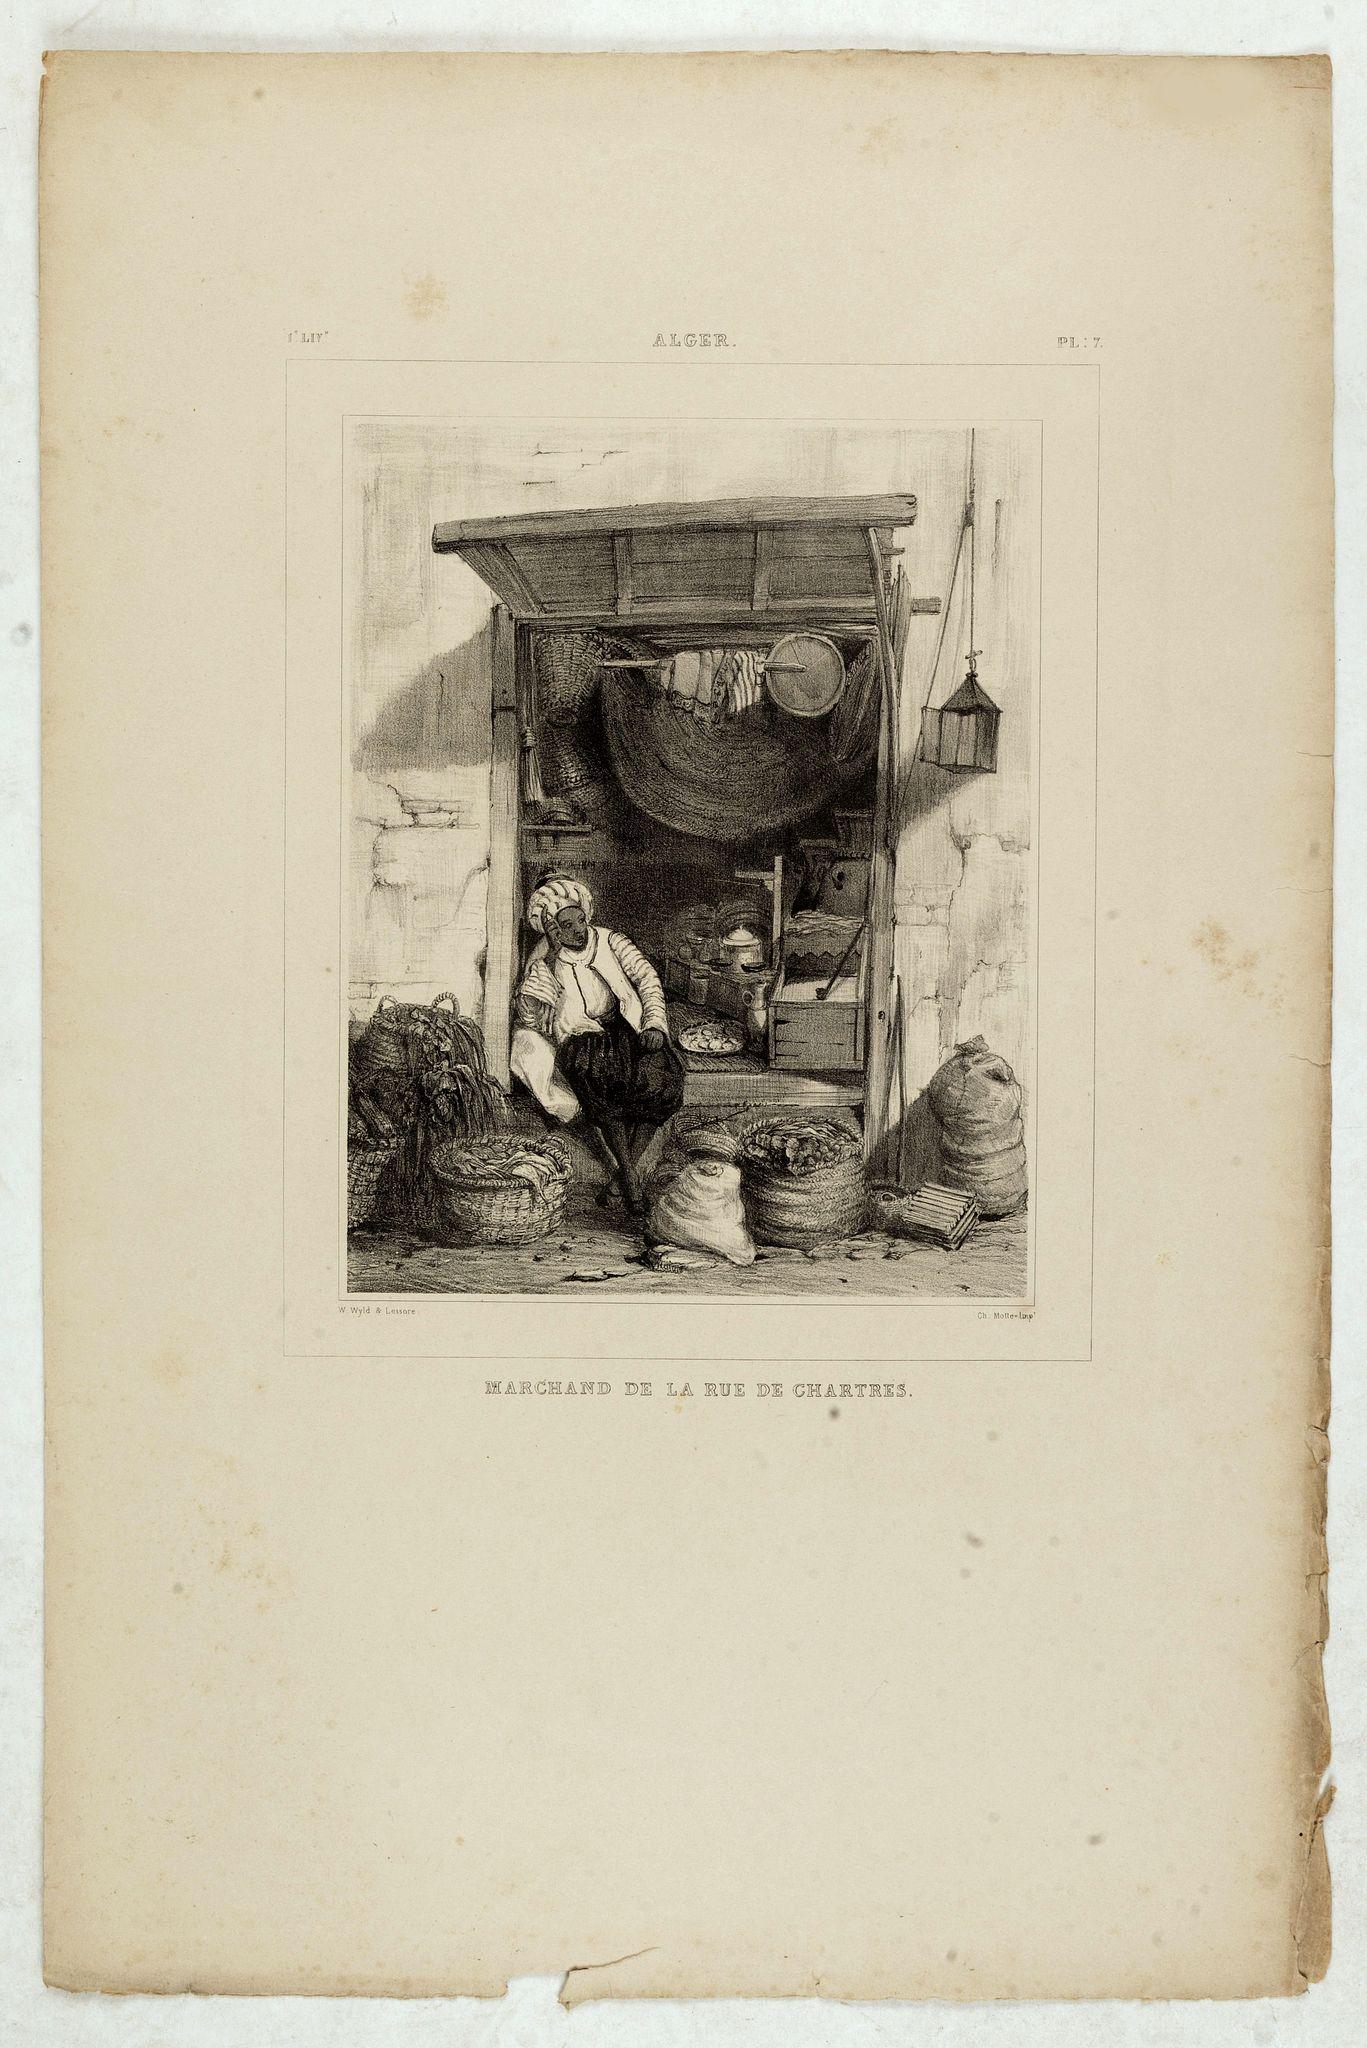 WYLD William / LESSORE Emile -  Alger, Marchand de la rue de Chartres.